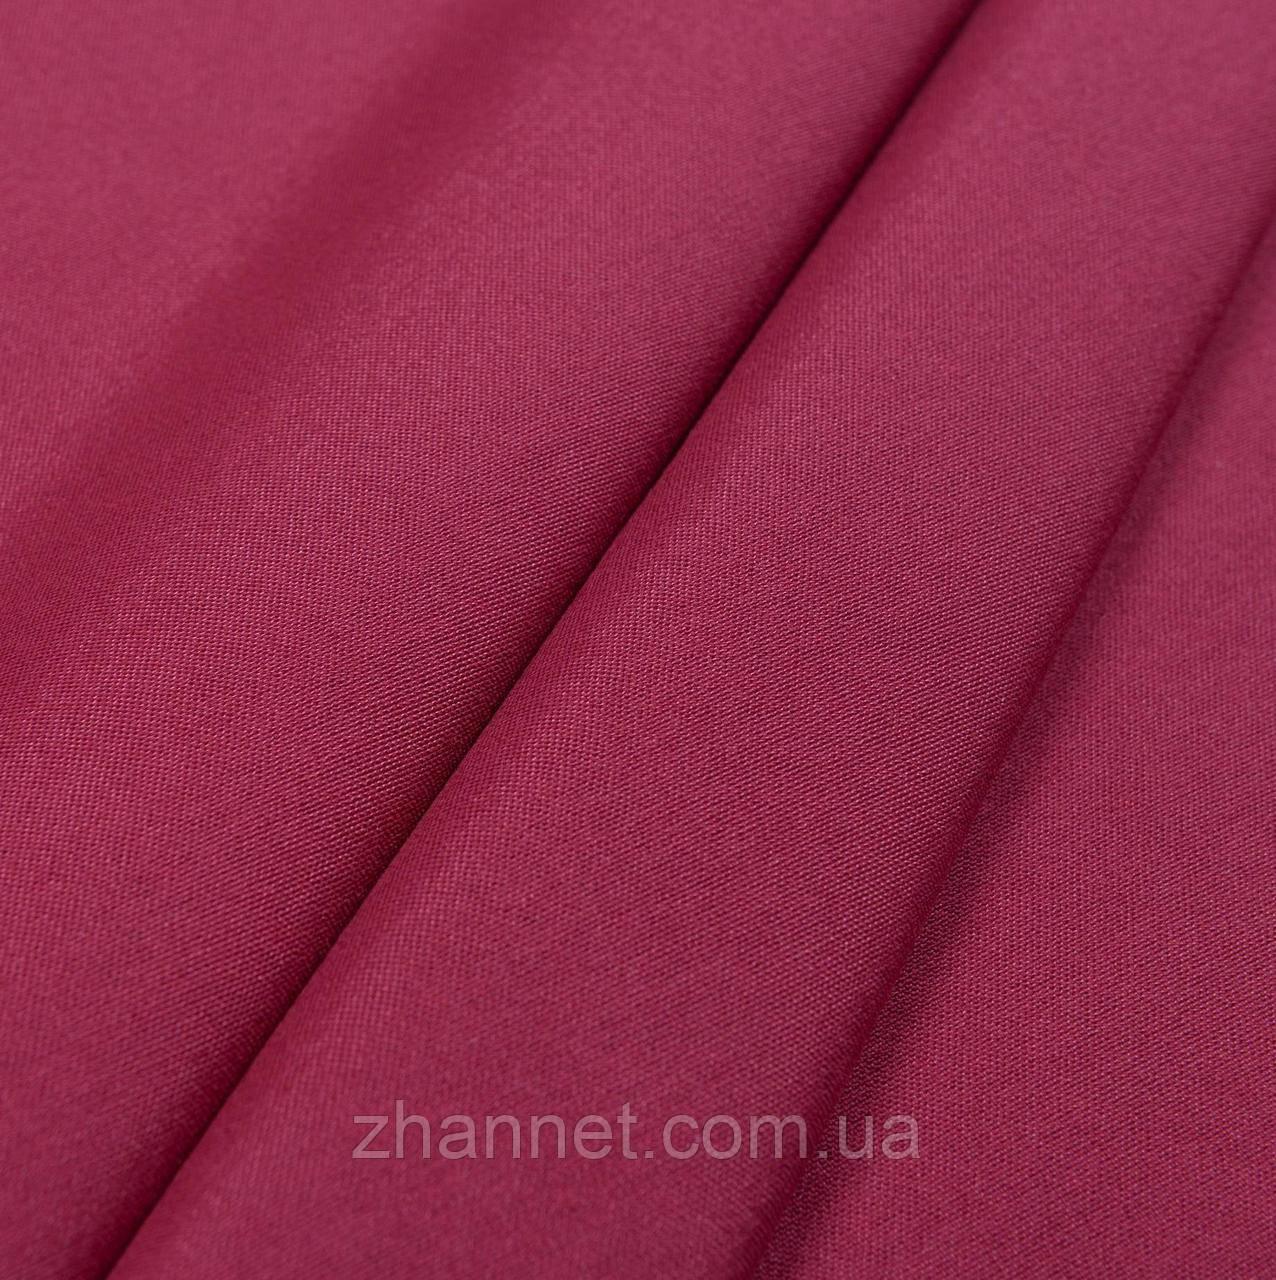 Ткань для штор Kanzas Бордо